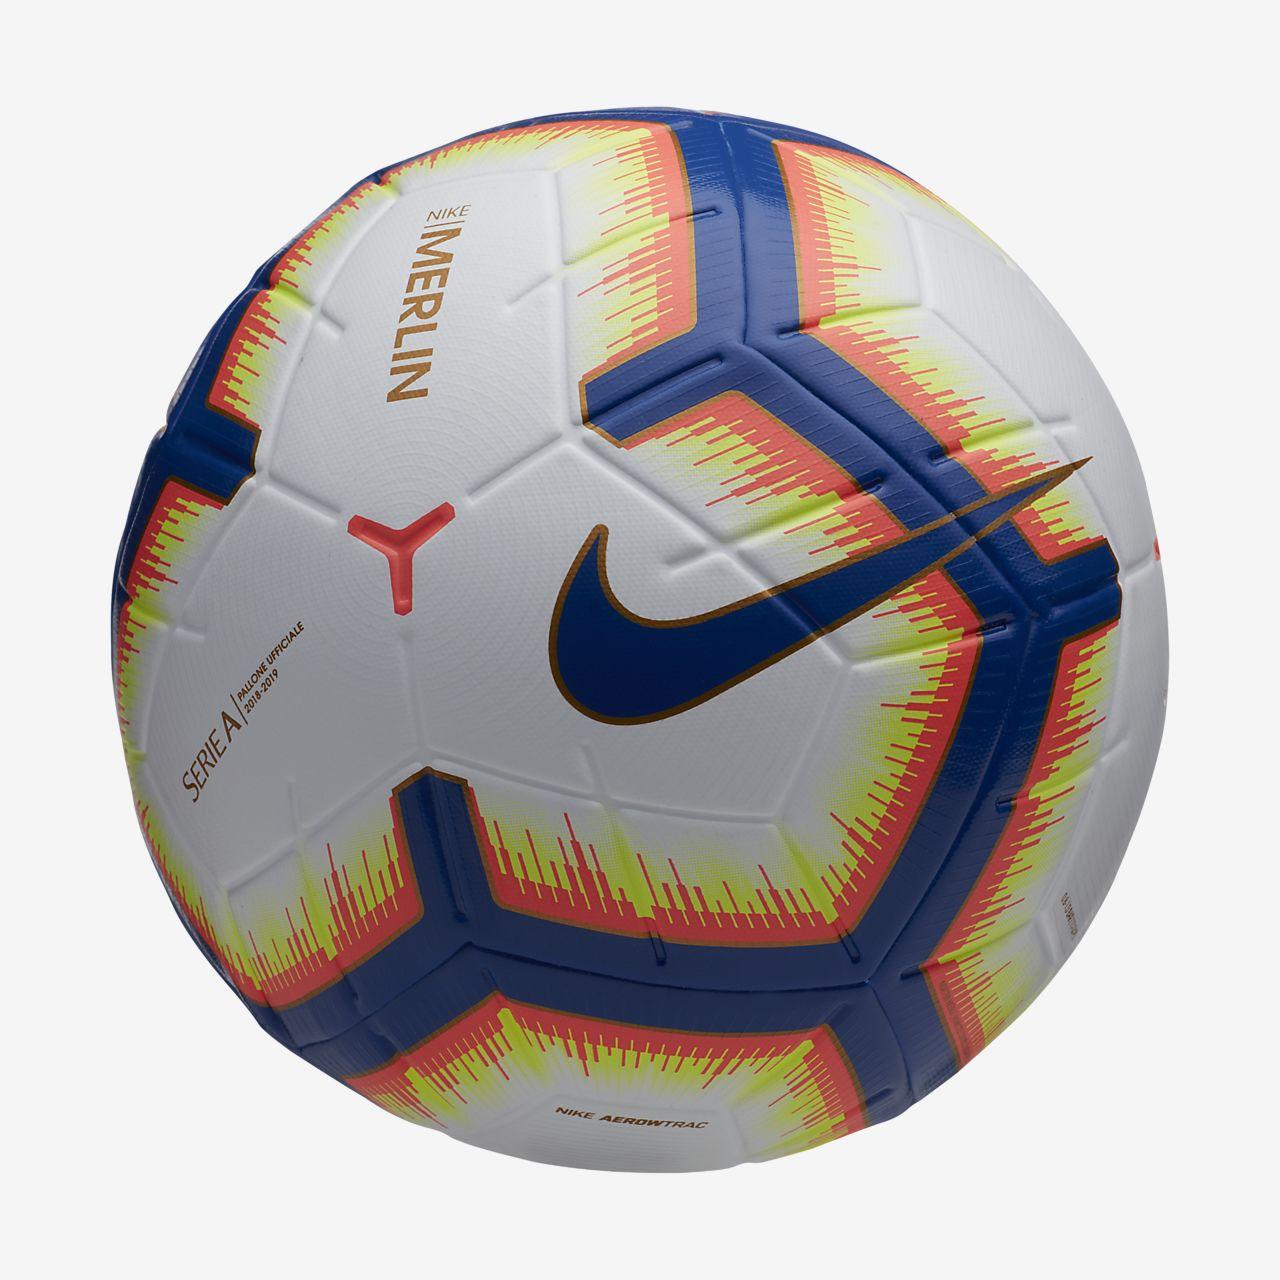 be4e51ca2 Bola de futebol Serie A Merlin. Nike.com PT